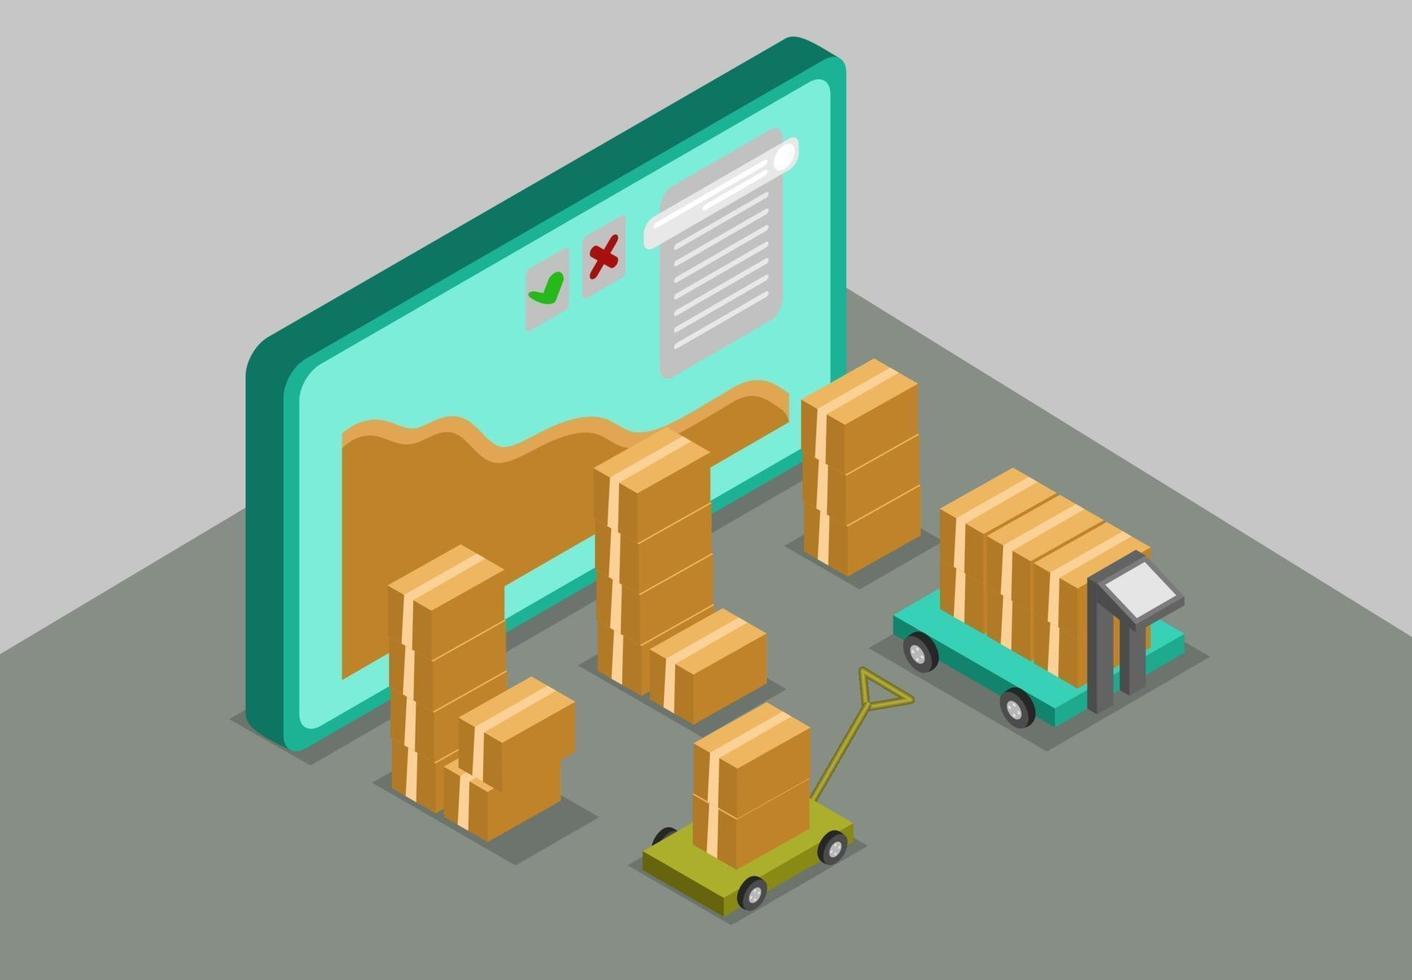 monitorare il concetto di imballaggio del processo isometrico vettore